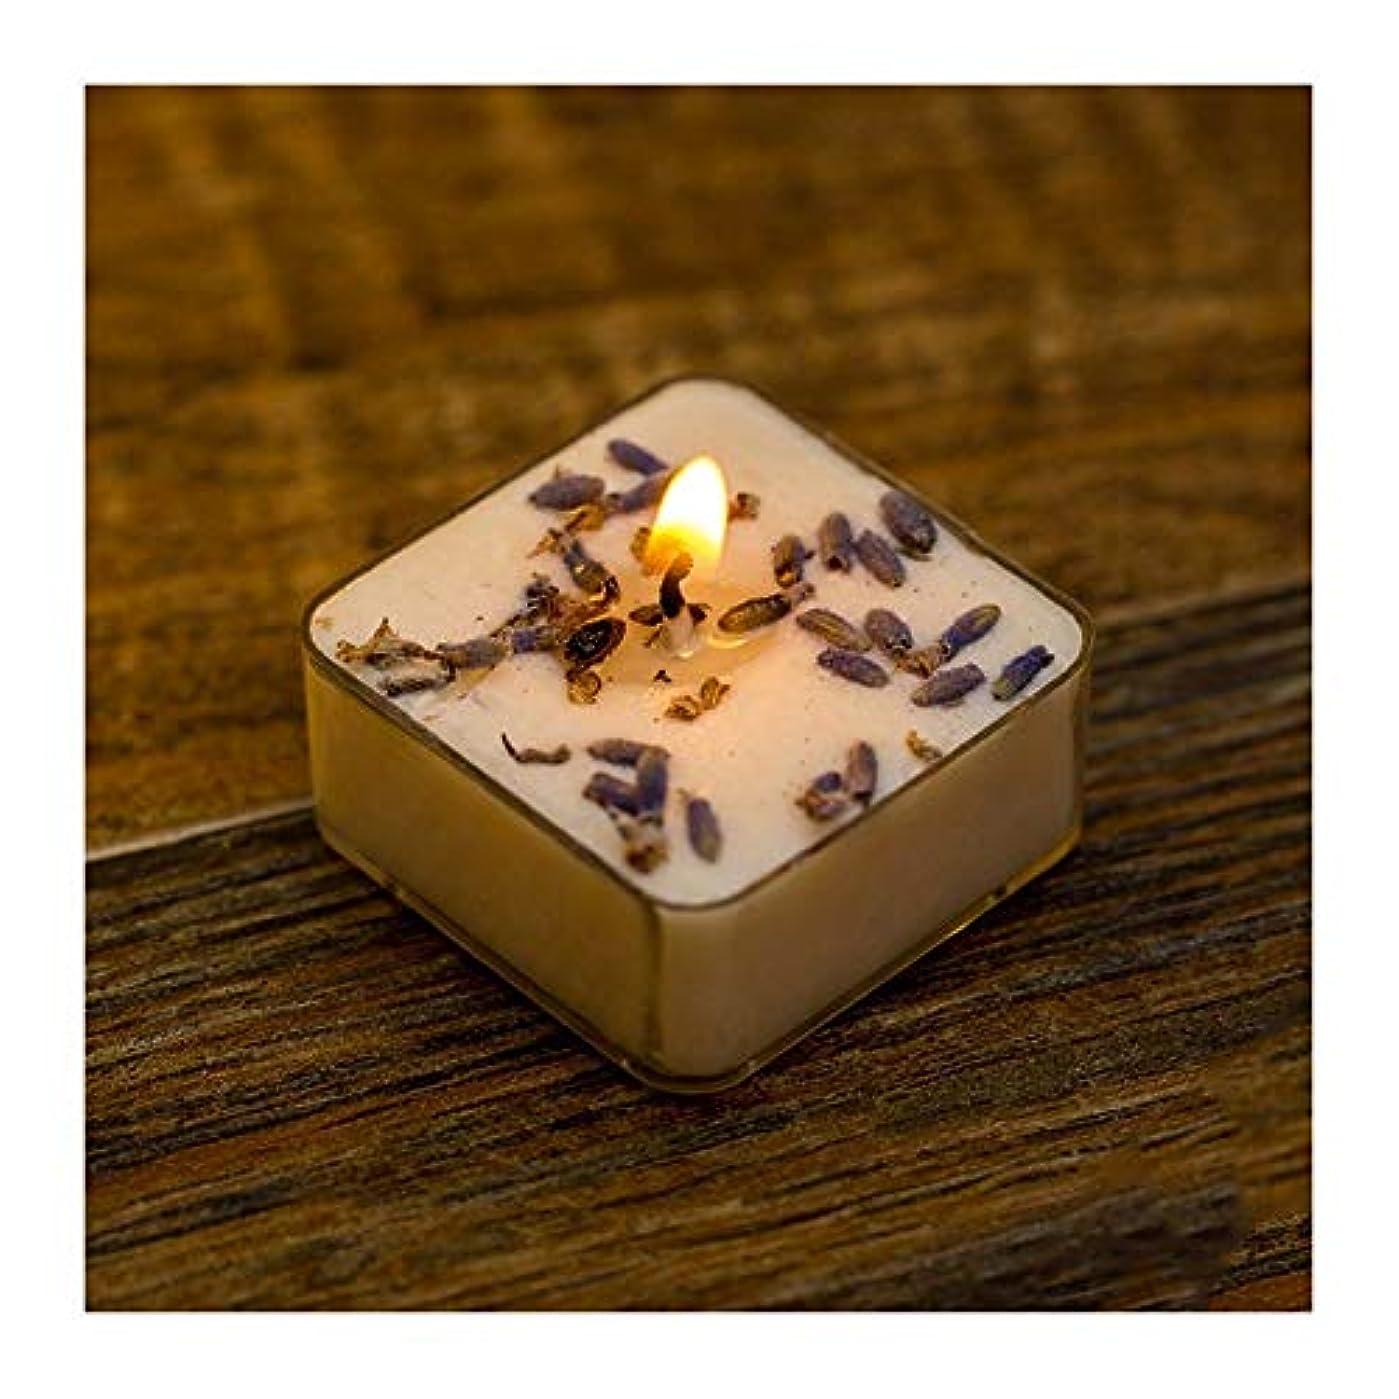 プレゼンテーション学者そっとGuomao 無煙アロマキャンドル手作りのカスタムロマンチックな結婚誕生日の雰囲気のラベンダーフレーバーキャンドル (色 : Green tea)